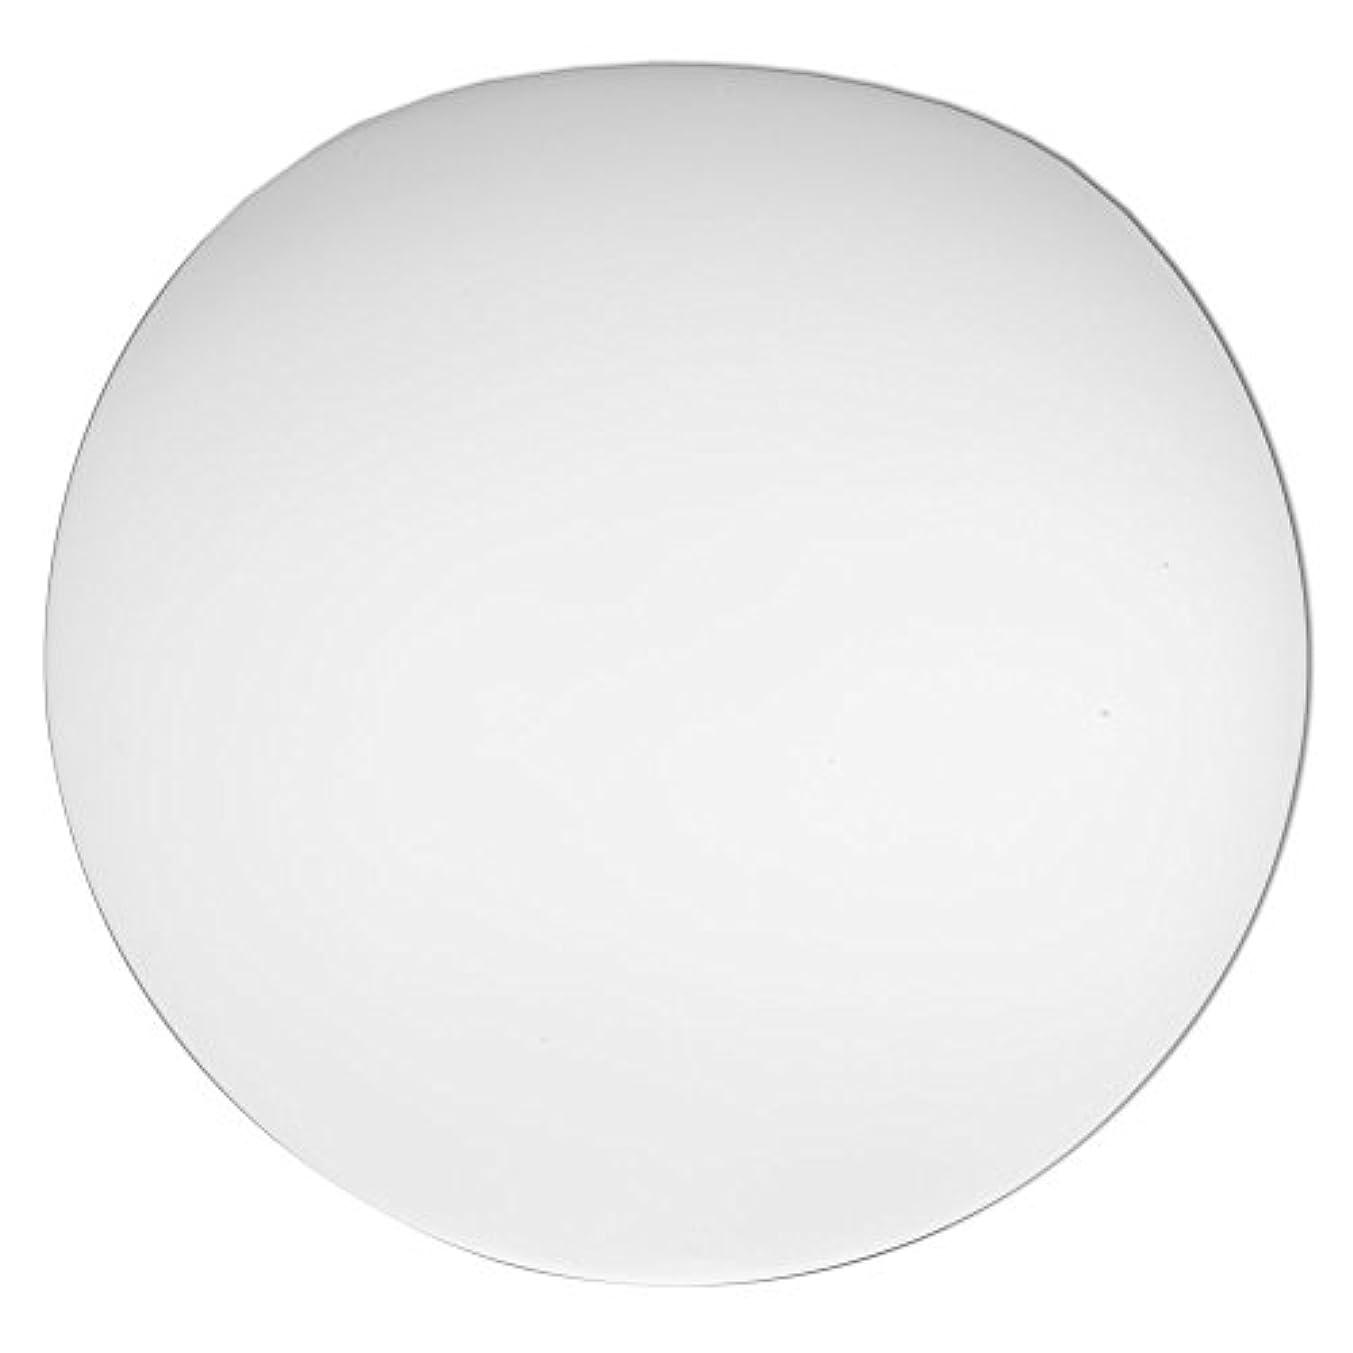 におい離れた永遠のLithonia Lighting DGLOB6 M12 Replacement Glass Diffuser White [並行輸入品]